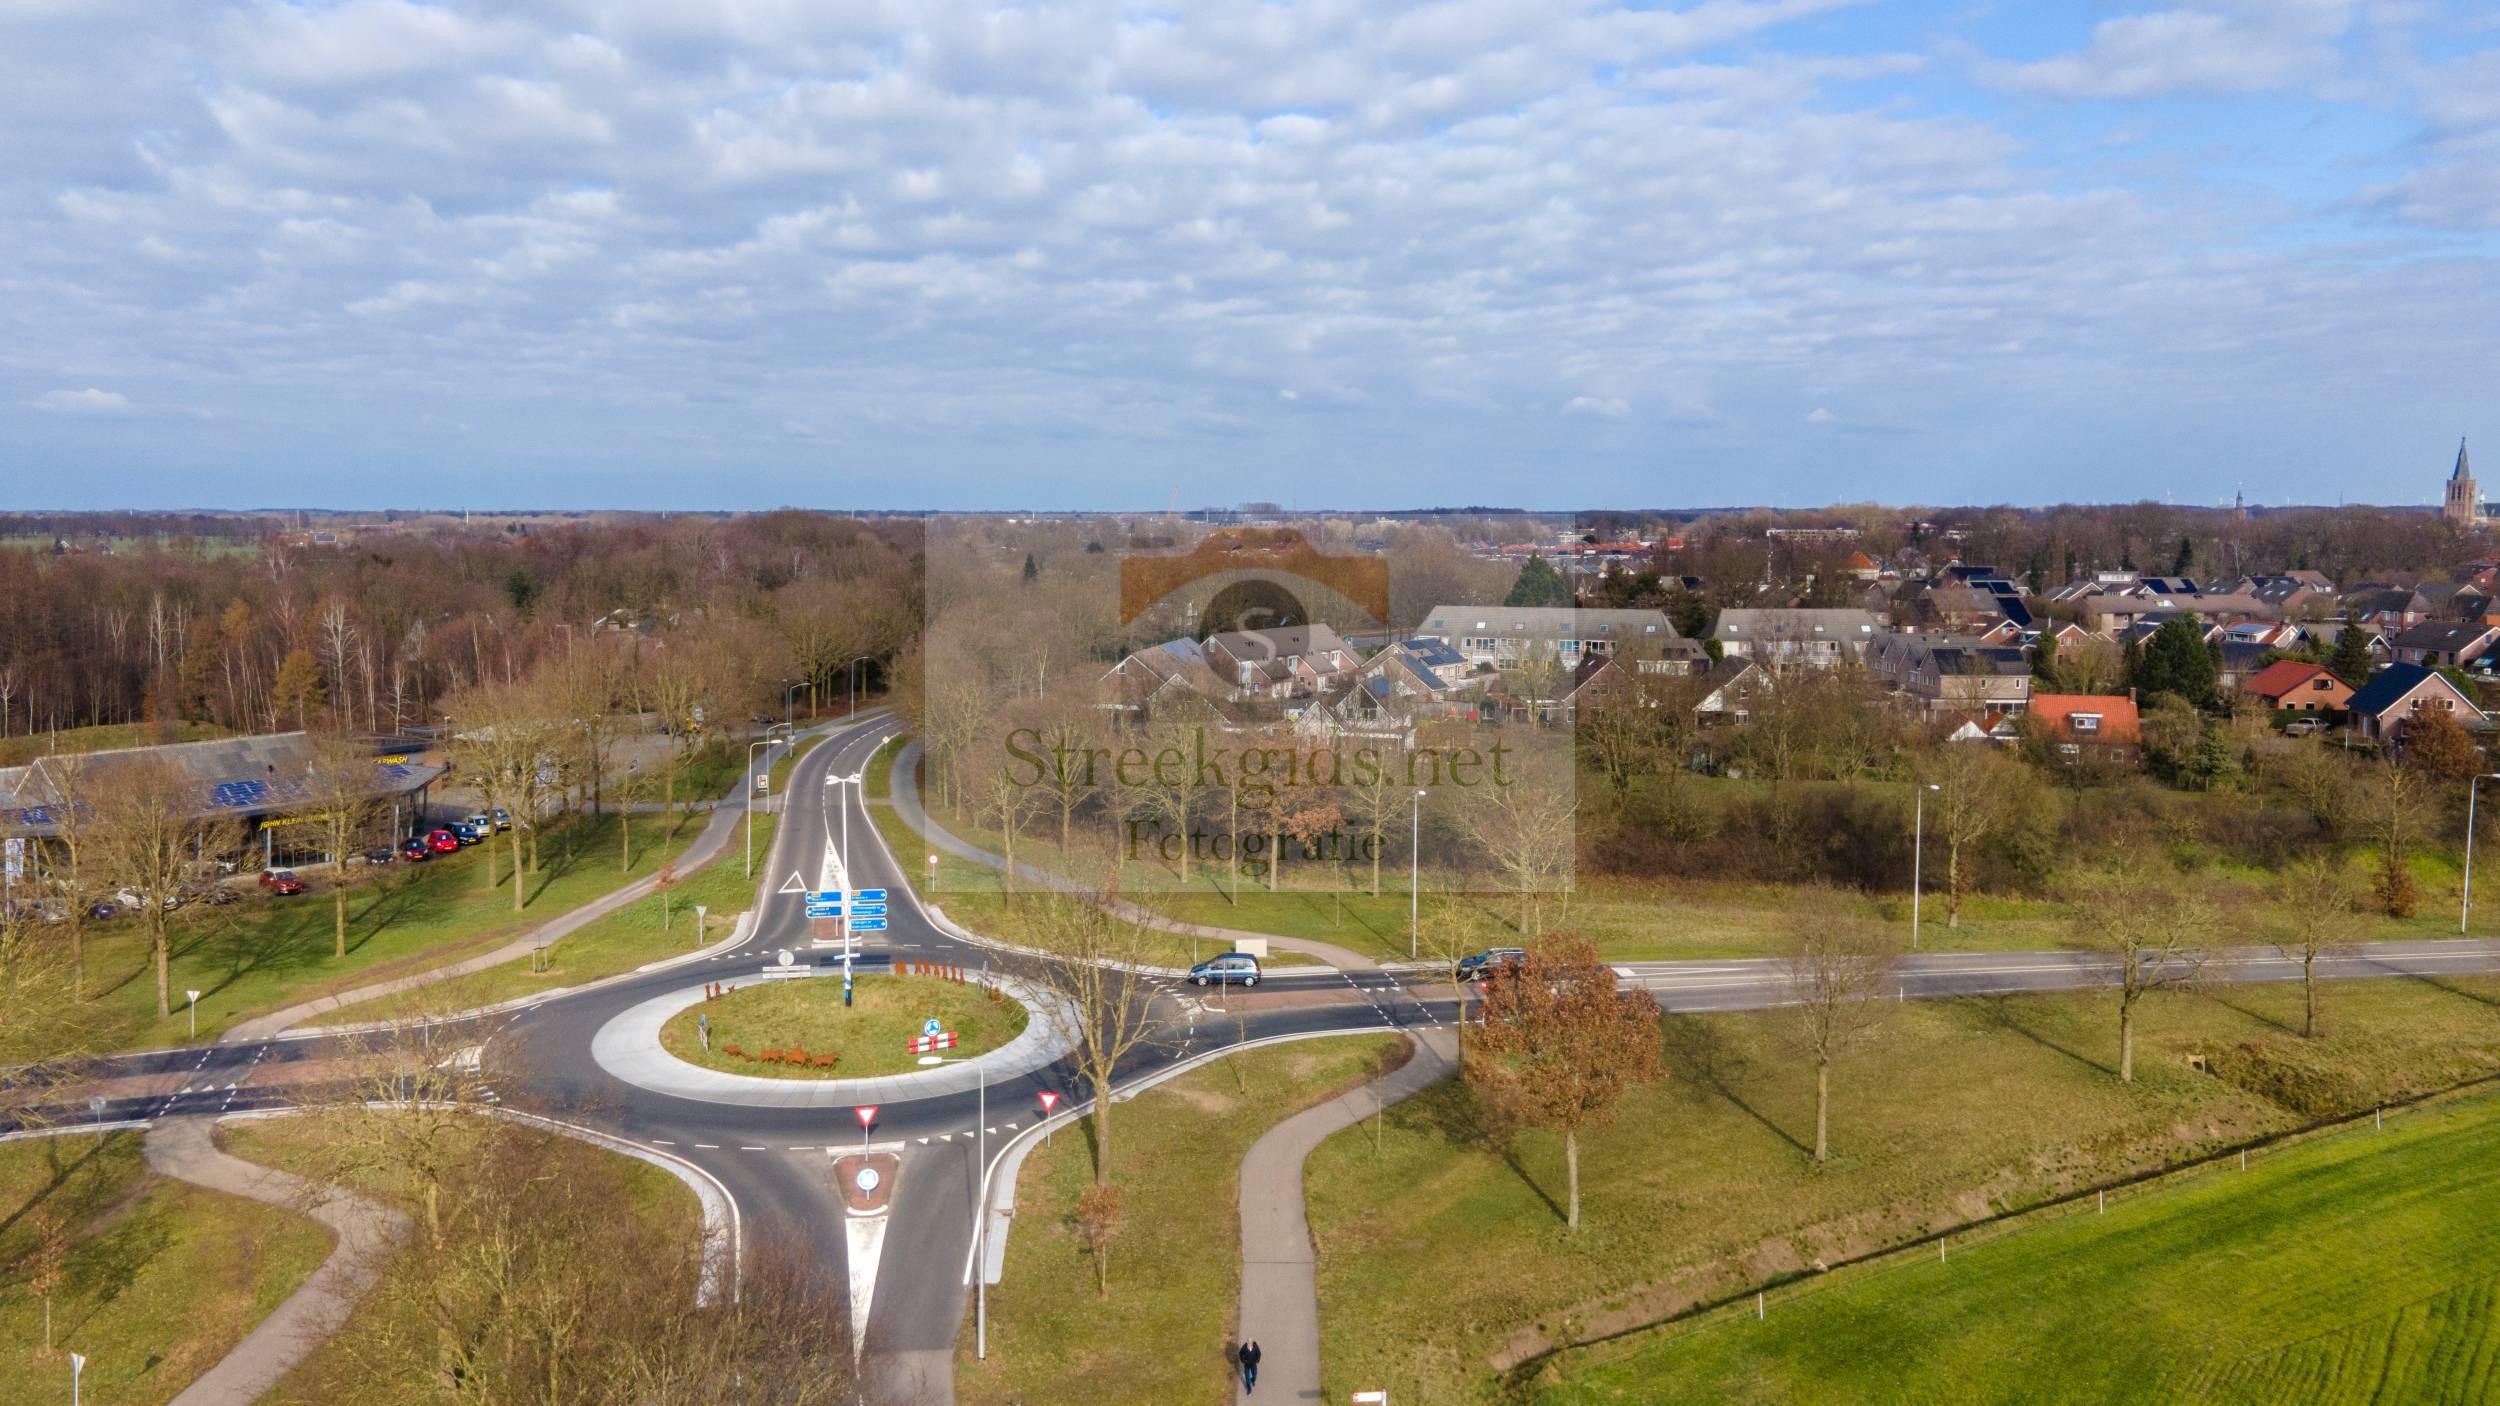 Rotonde Rondweg / Ruurloseweg